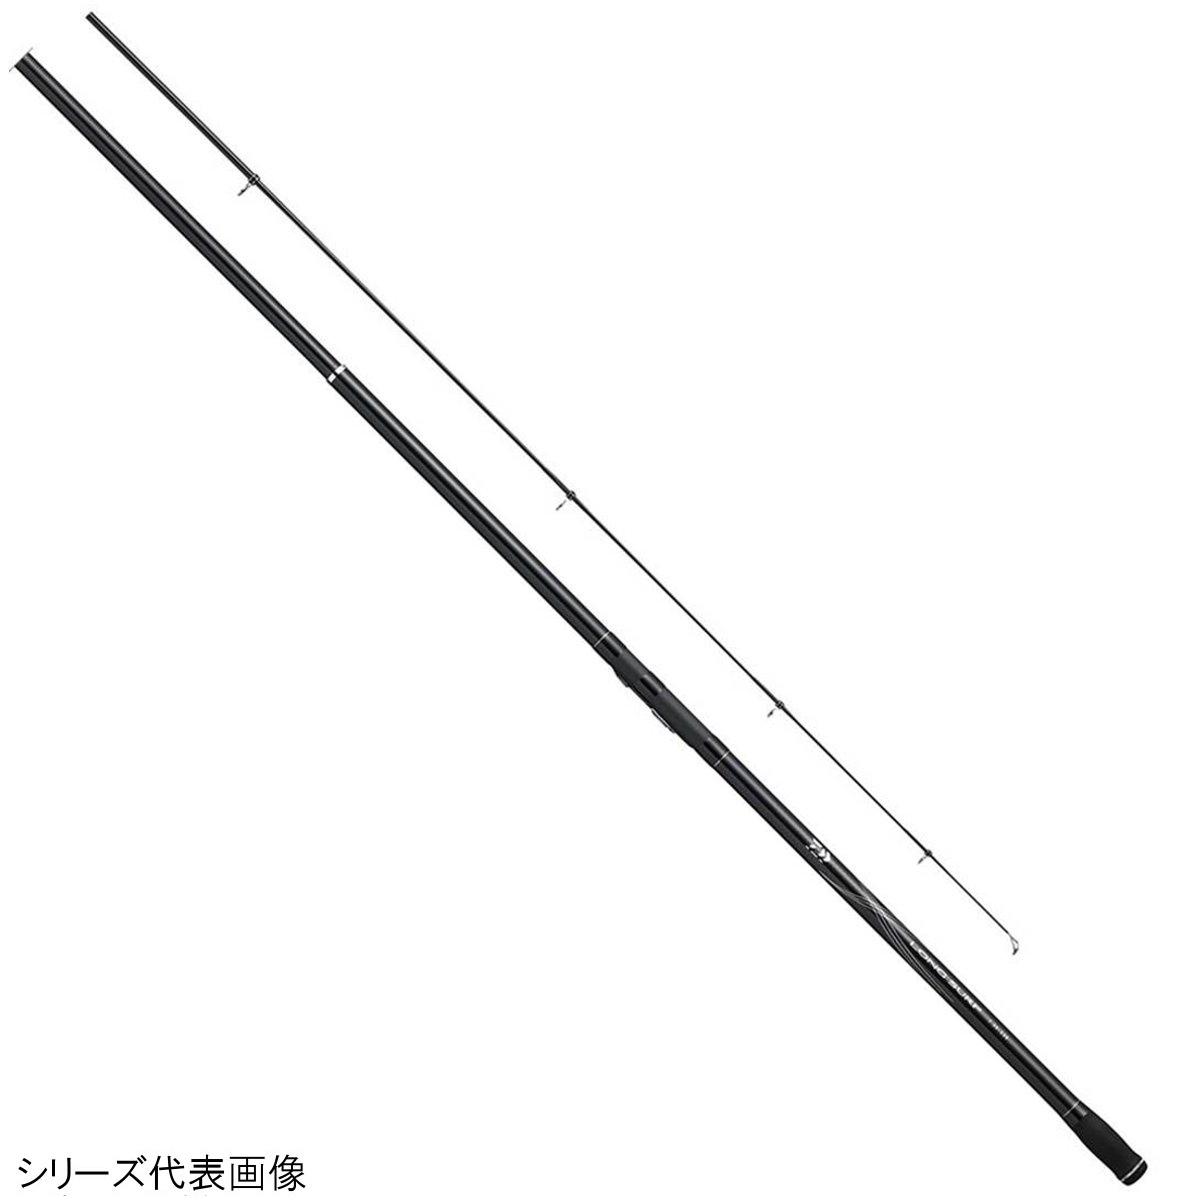 ダイワ ロングサーフ T 27-530・Y【送料無料】